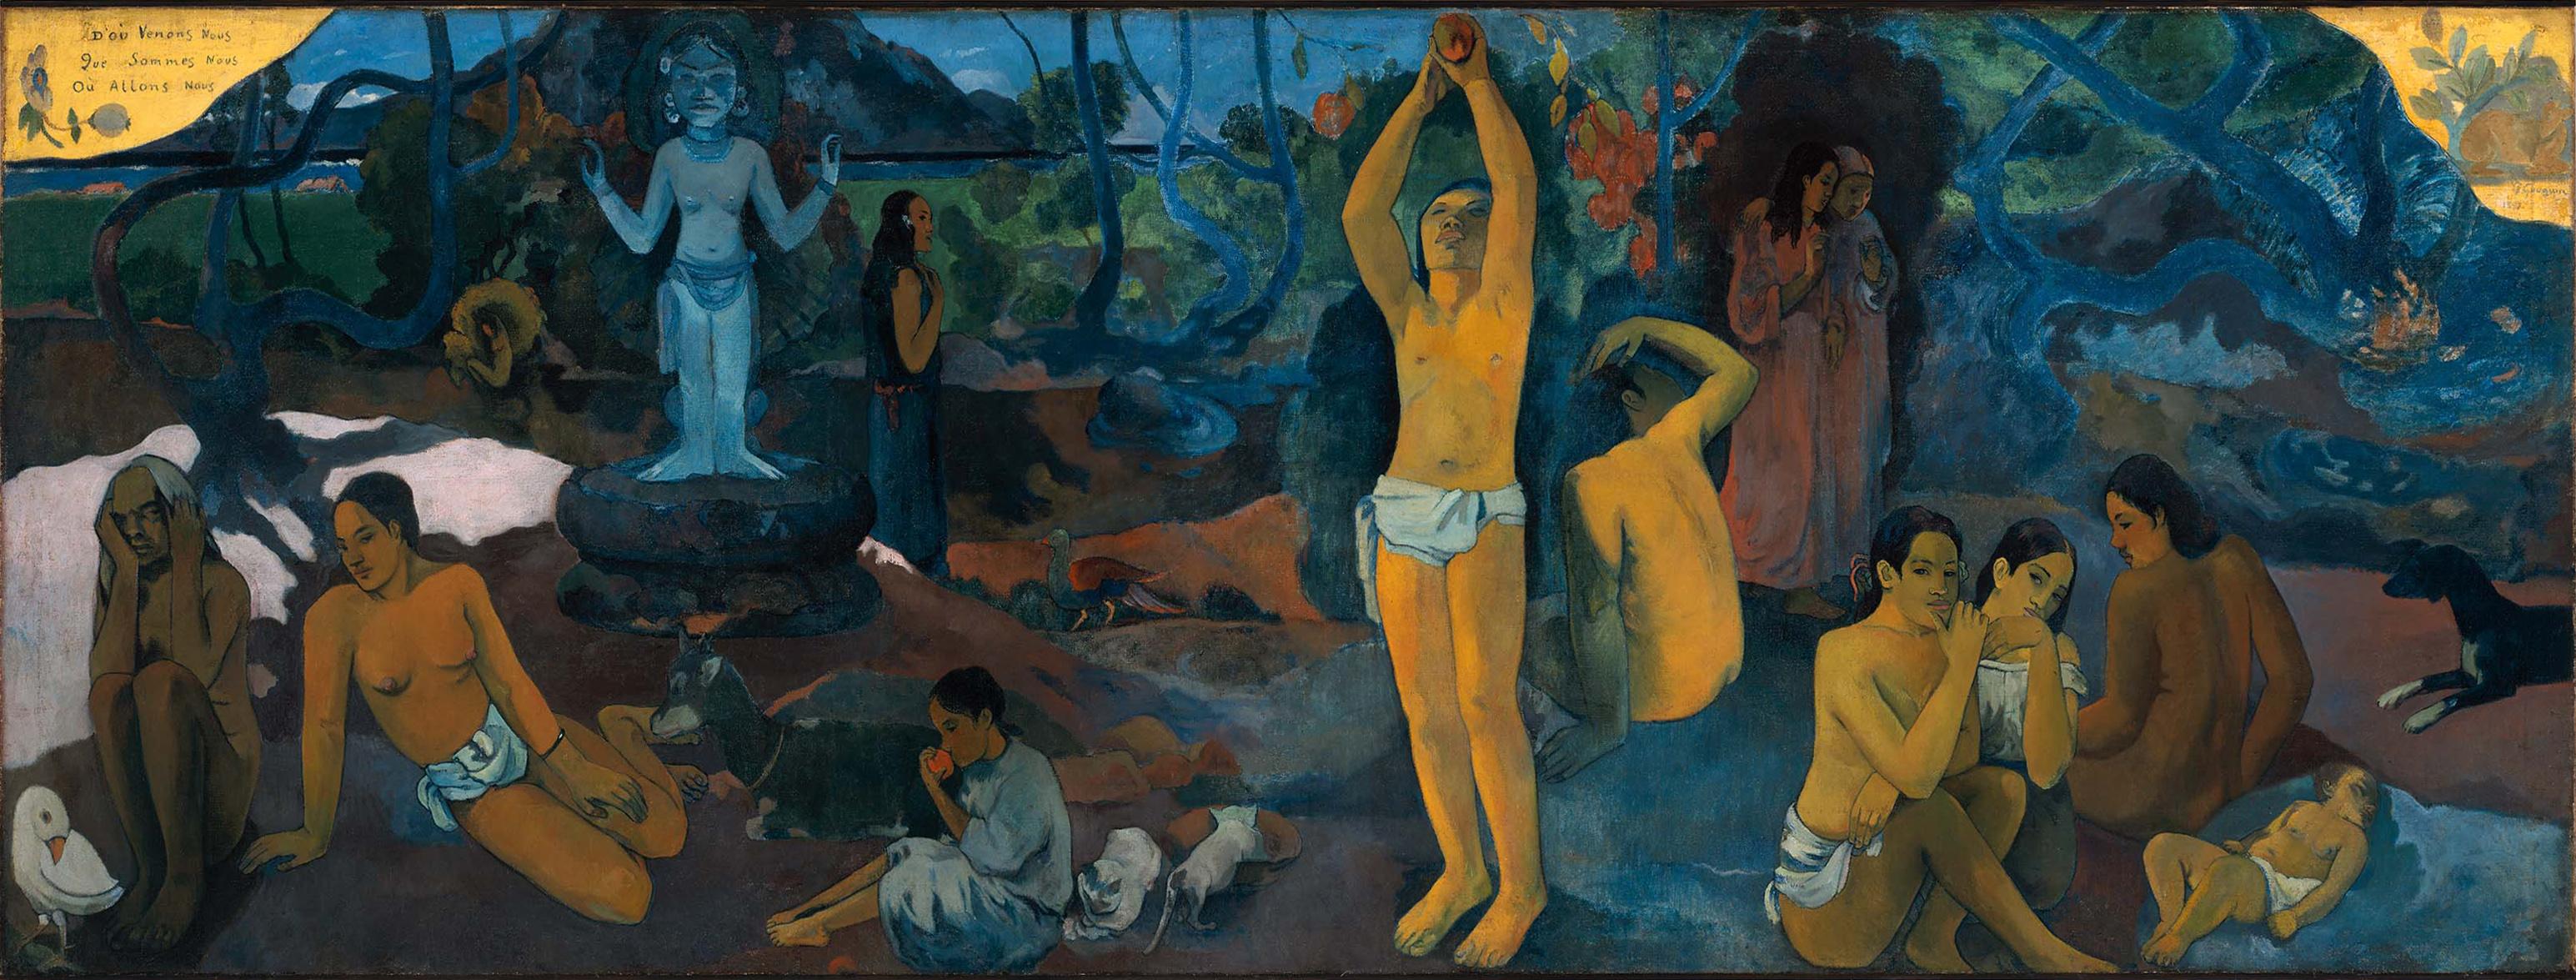 Paul gauguin   d ou venons nous